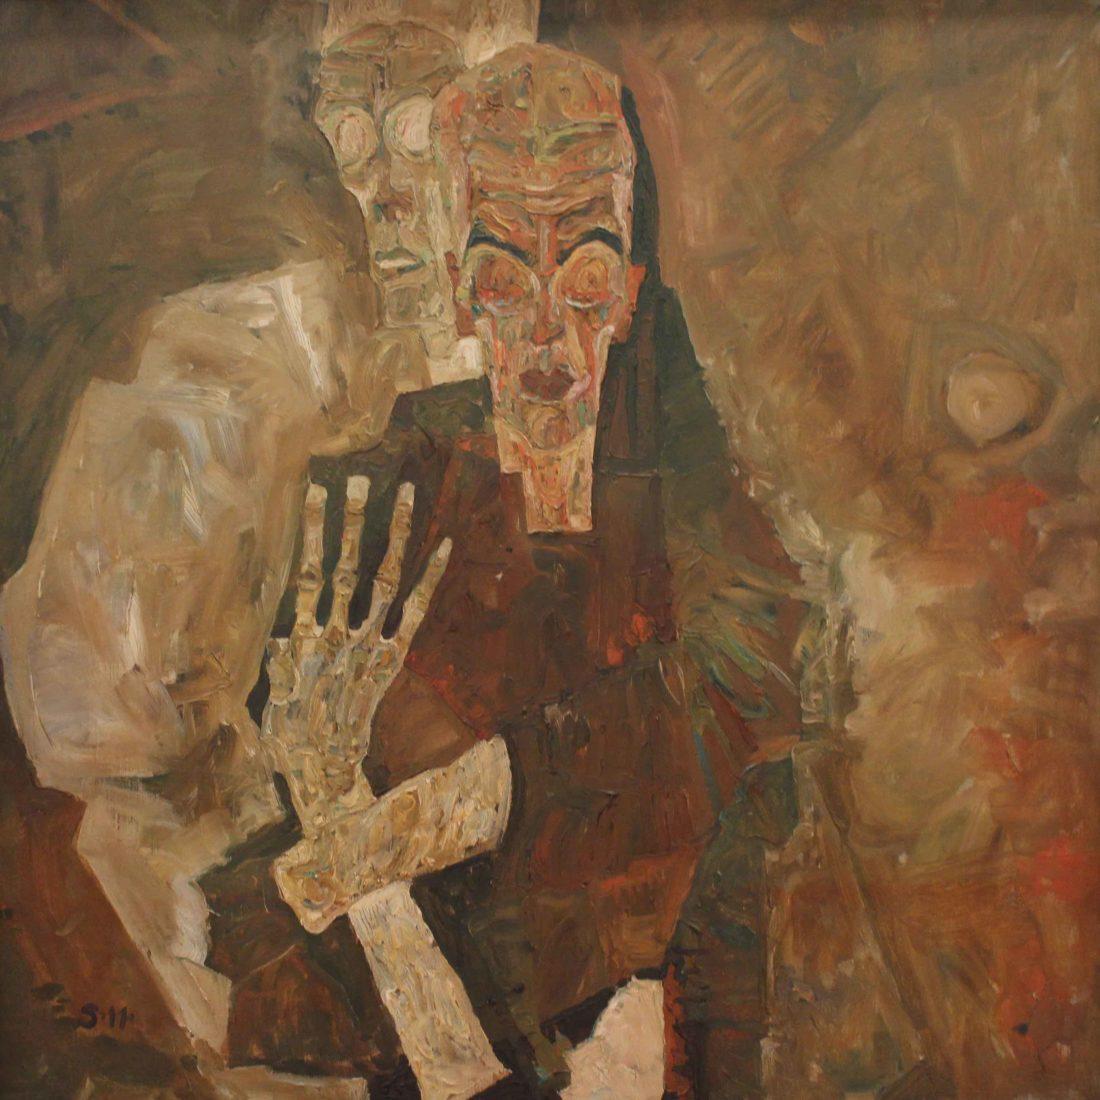 Egon Schiele, Visionnaire II (La Mort et l'homme)